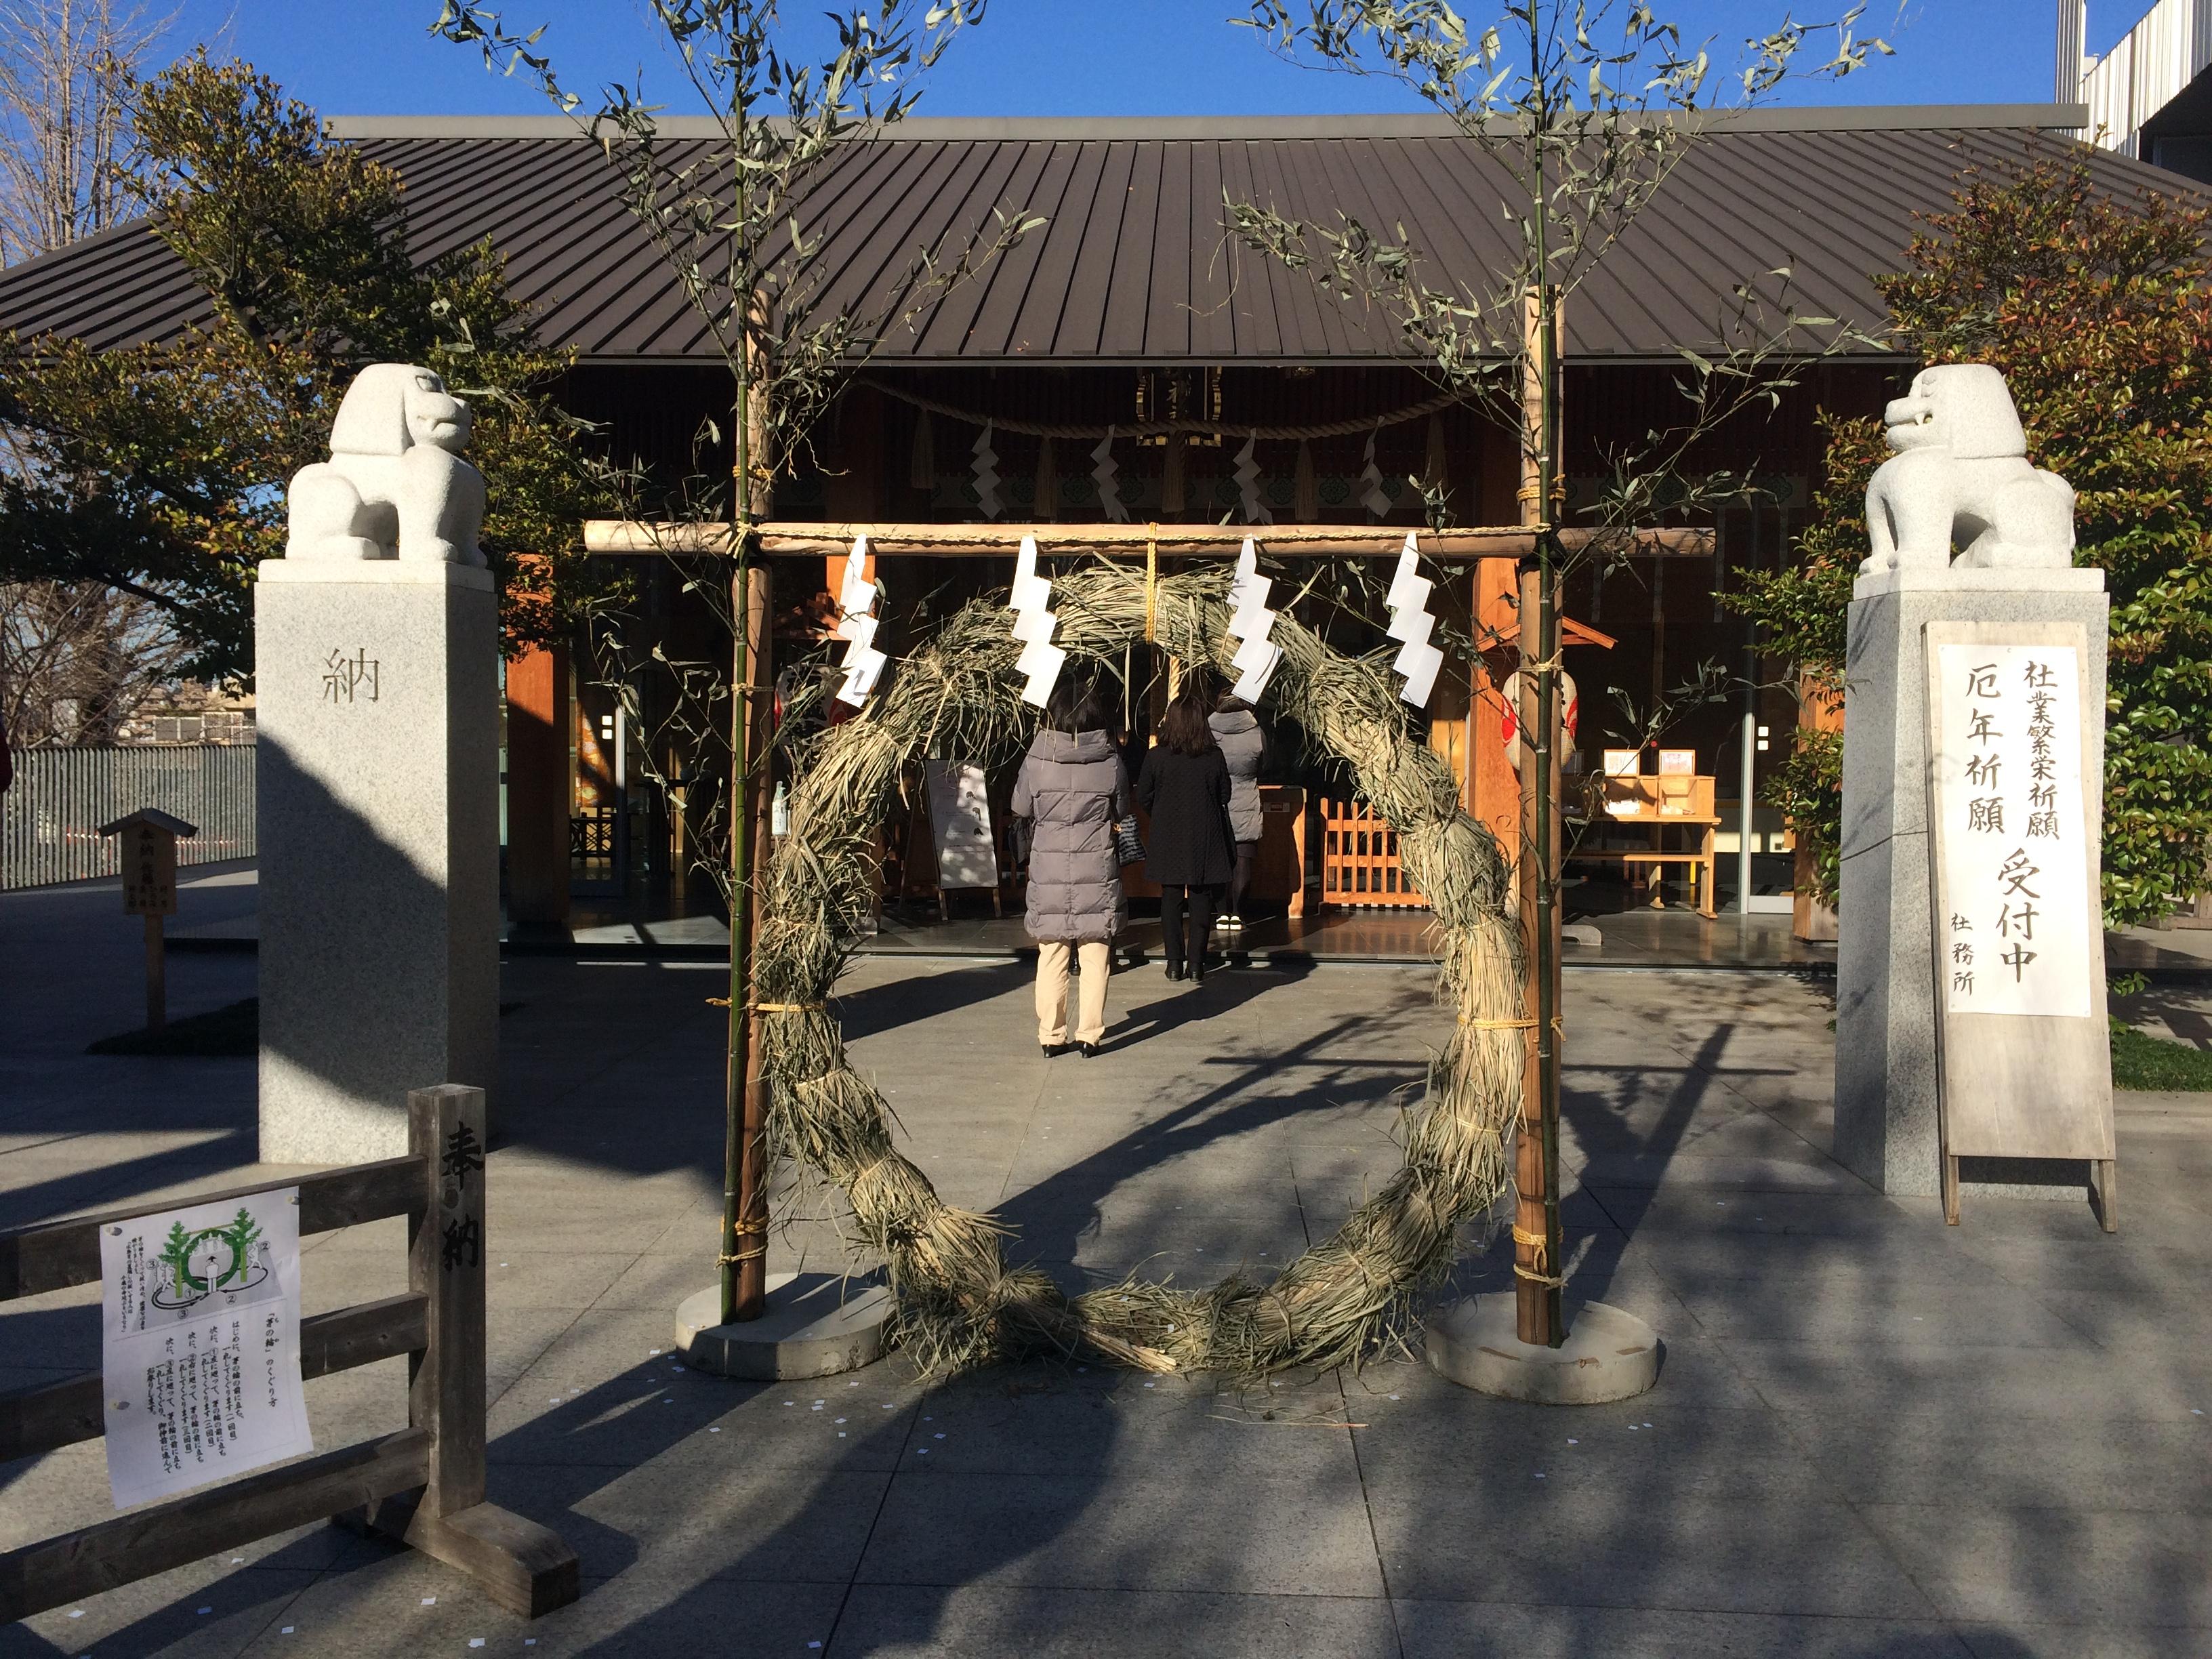 赤城神社(あかぎカフェ)